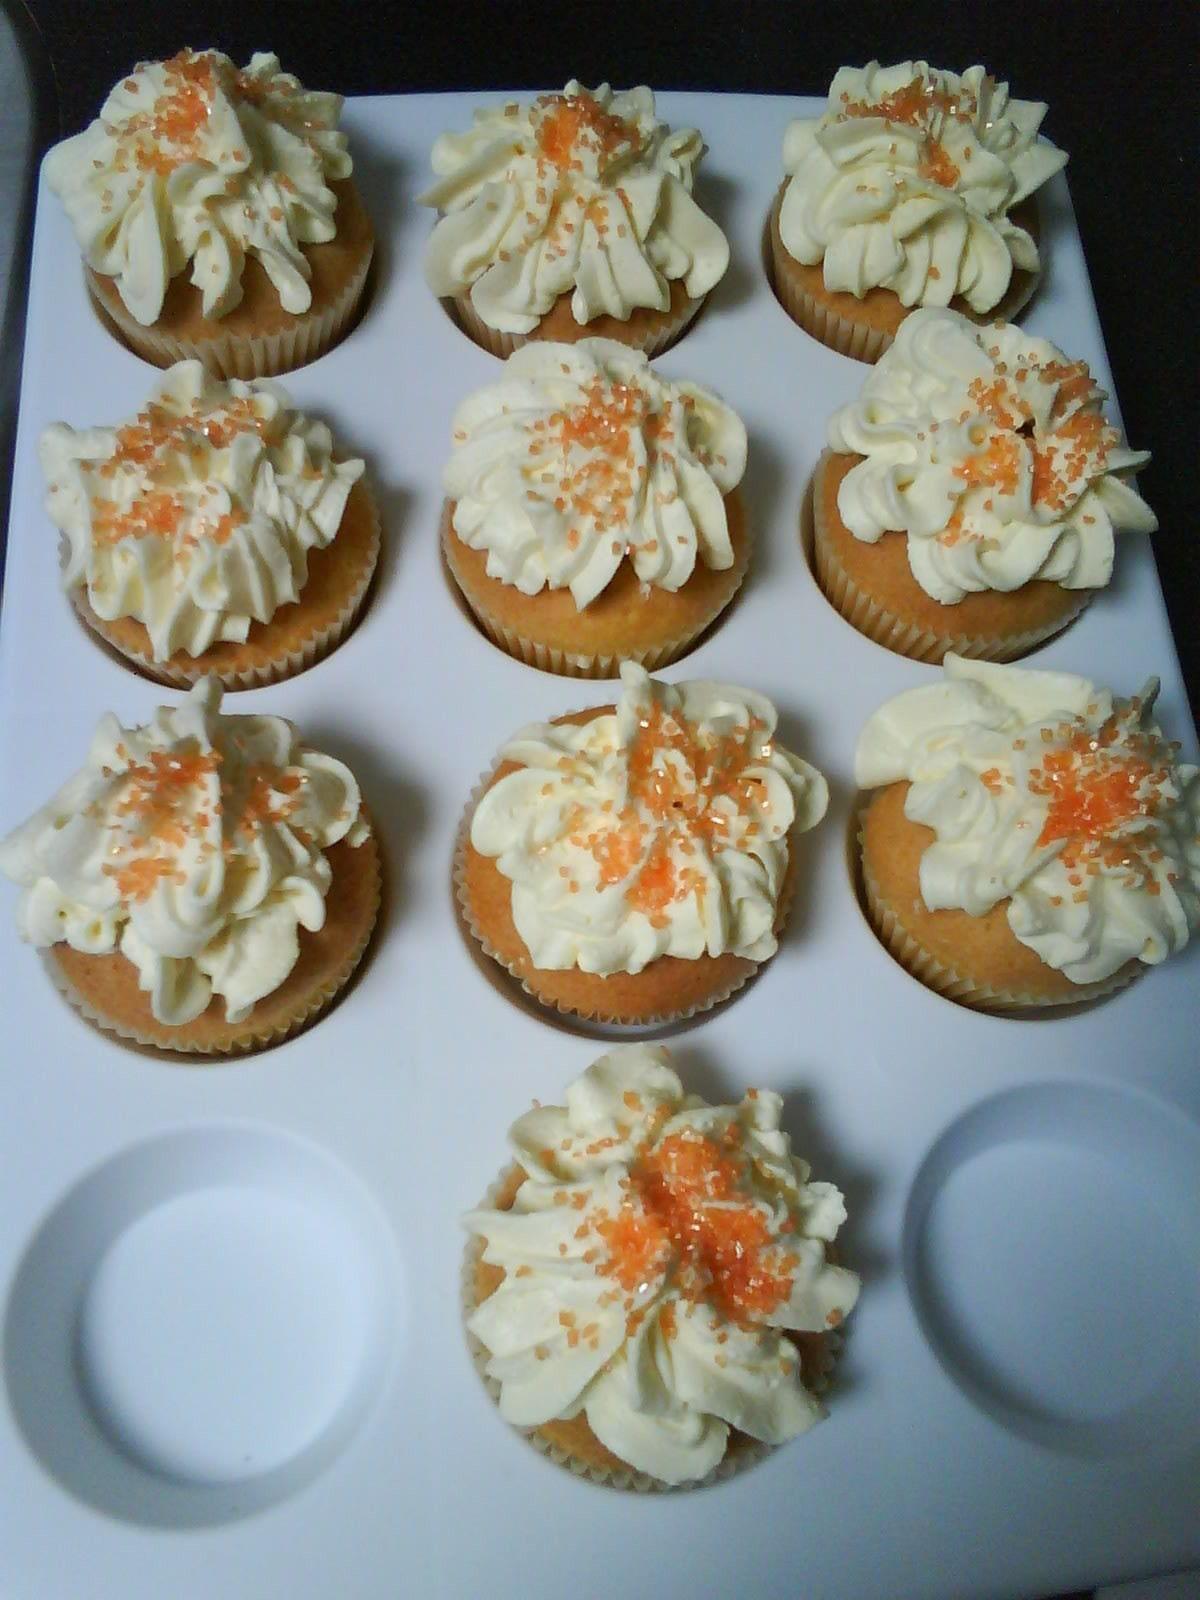 vanille muffin met bptercreme topping